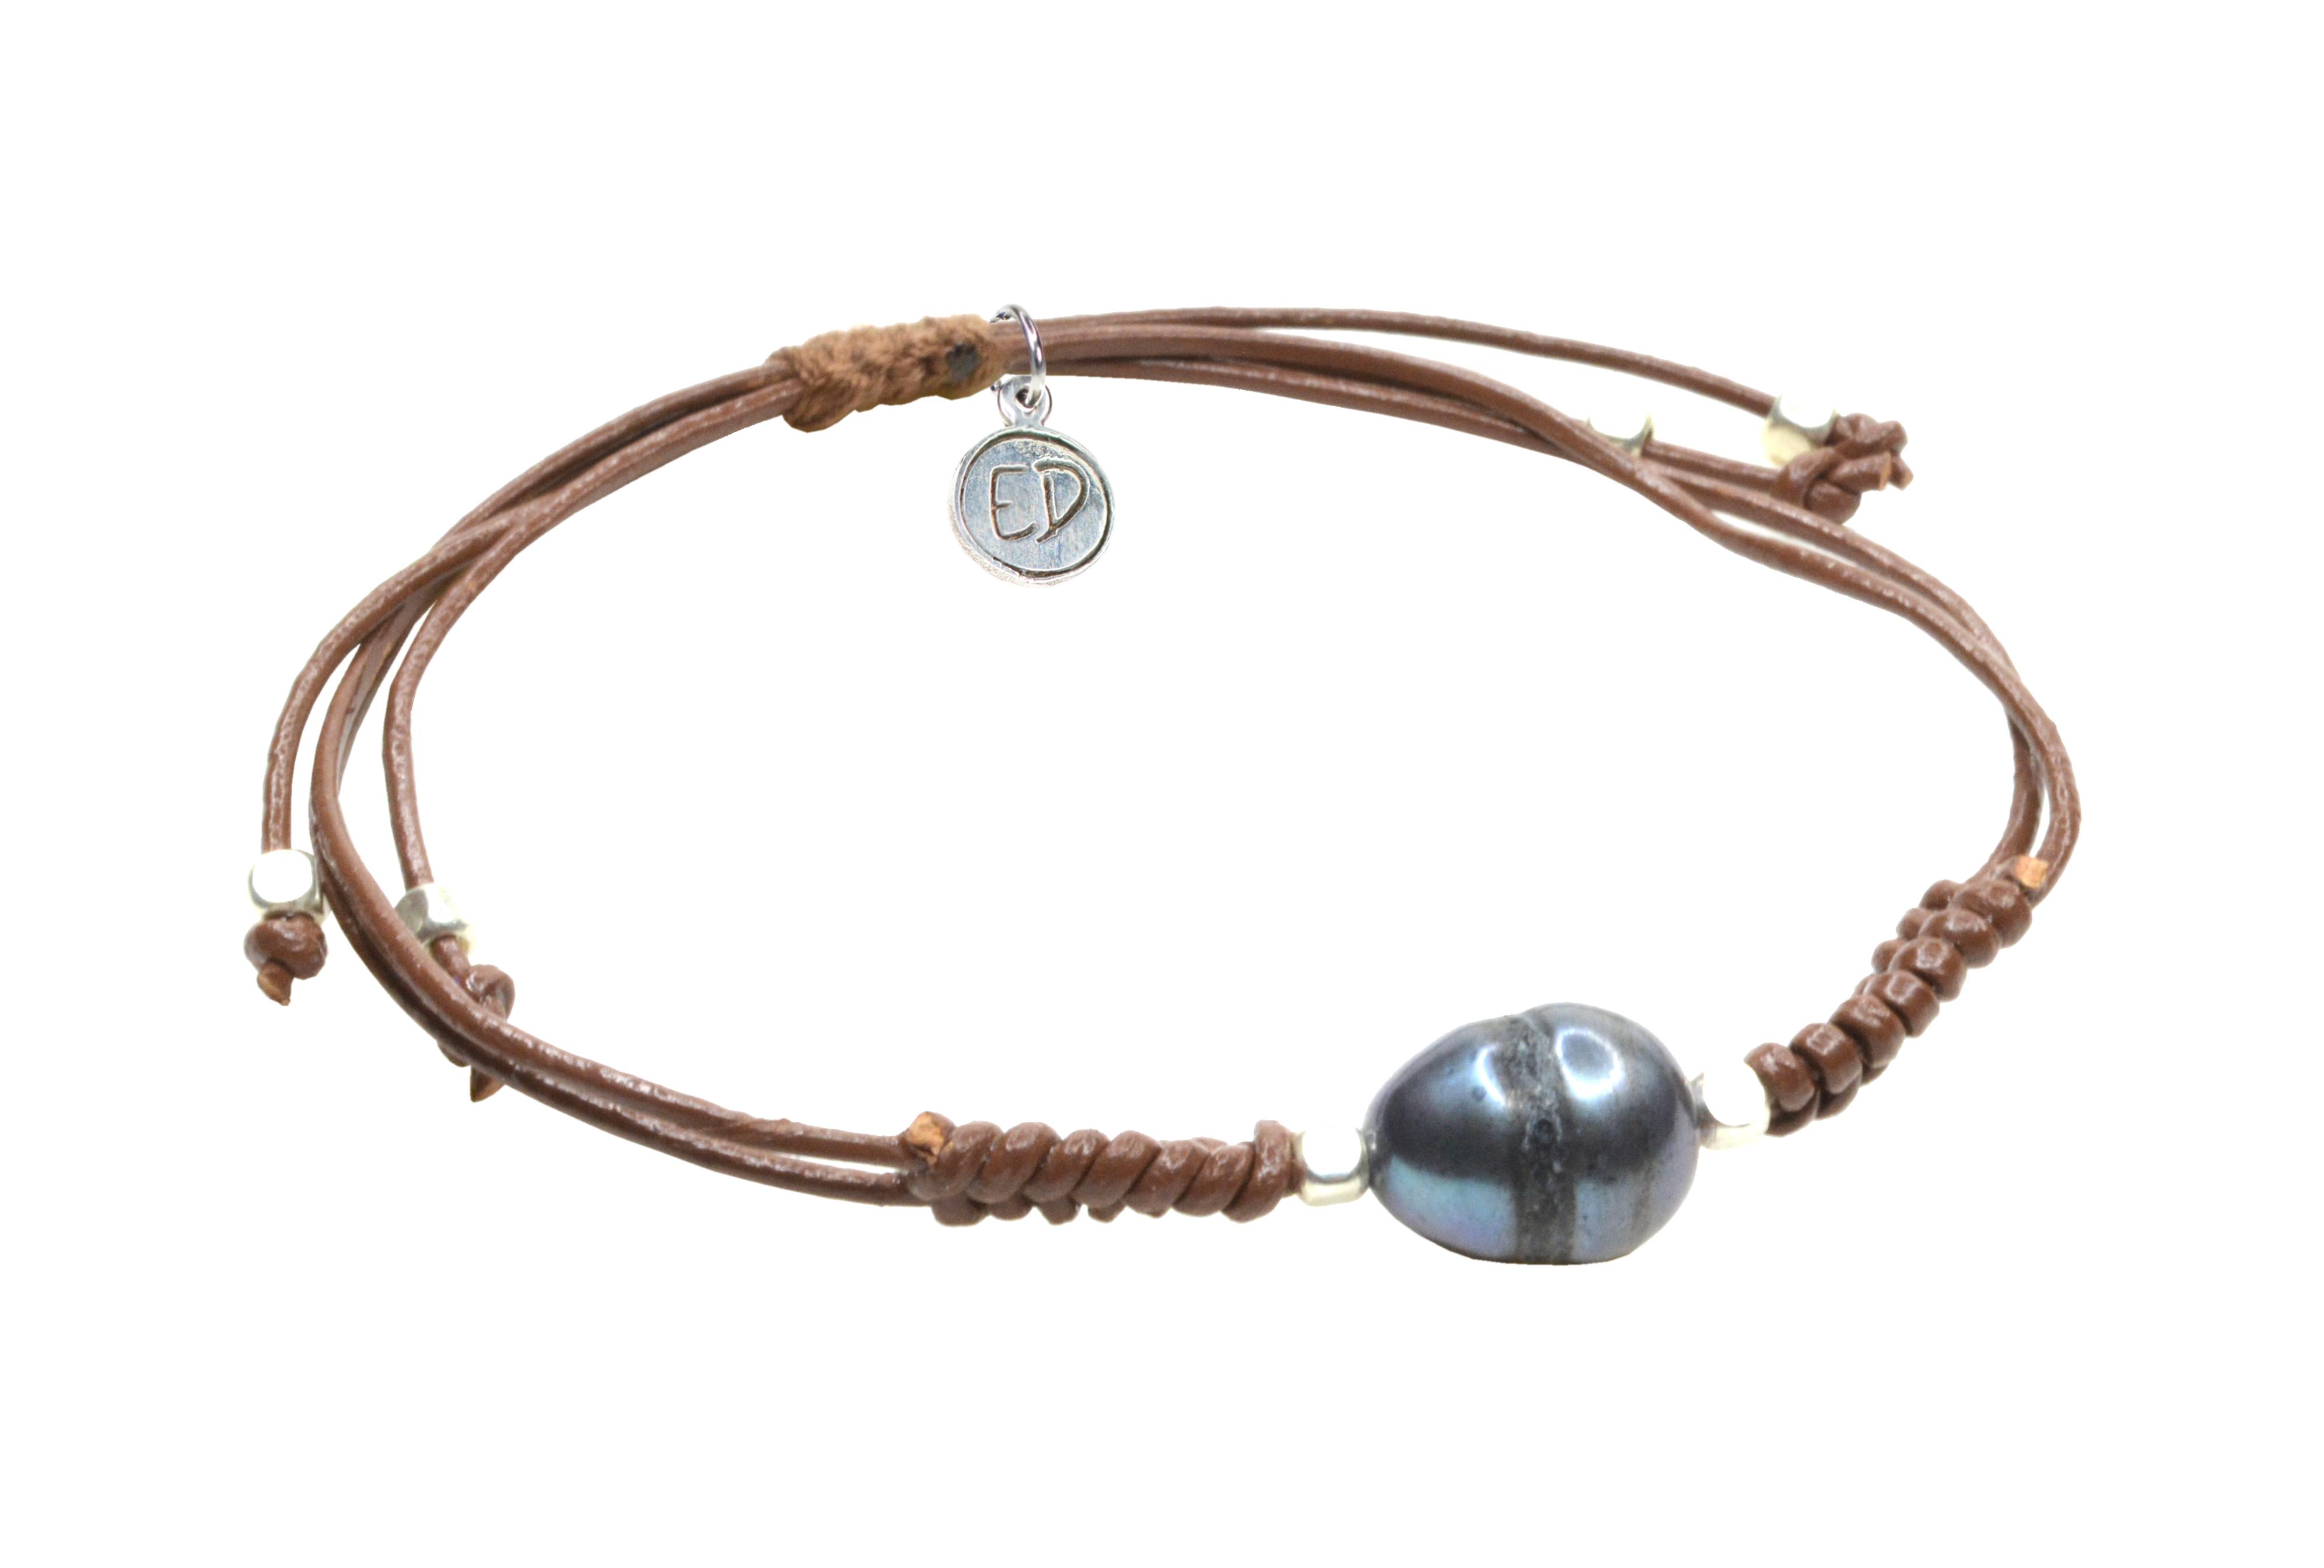 Dámsky kožený náramok s perlou - hnedý